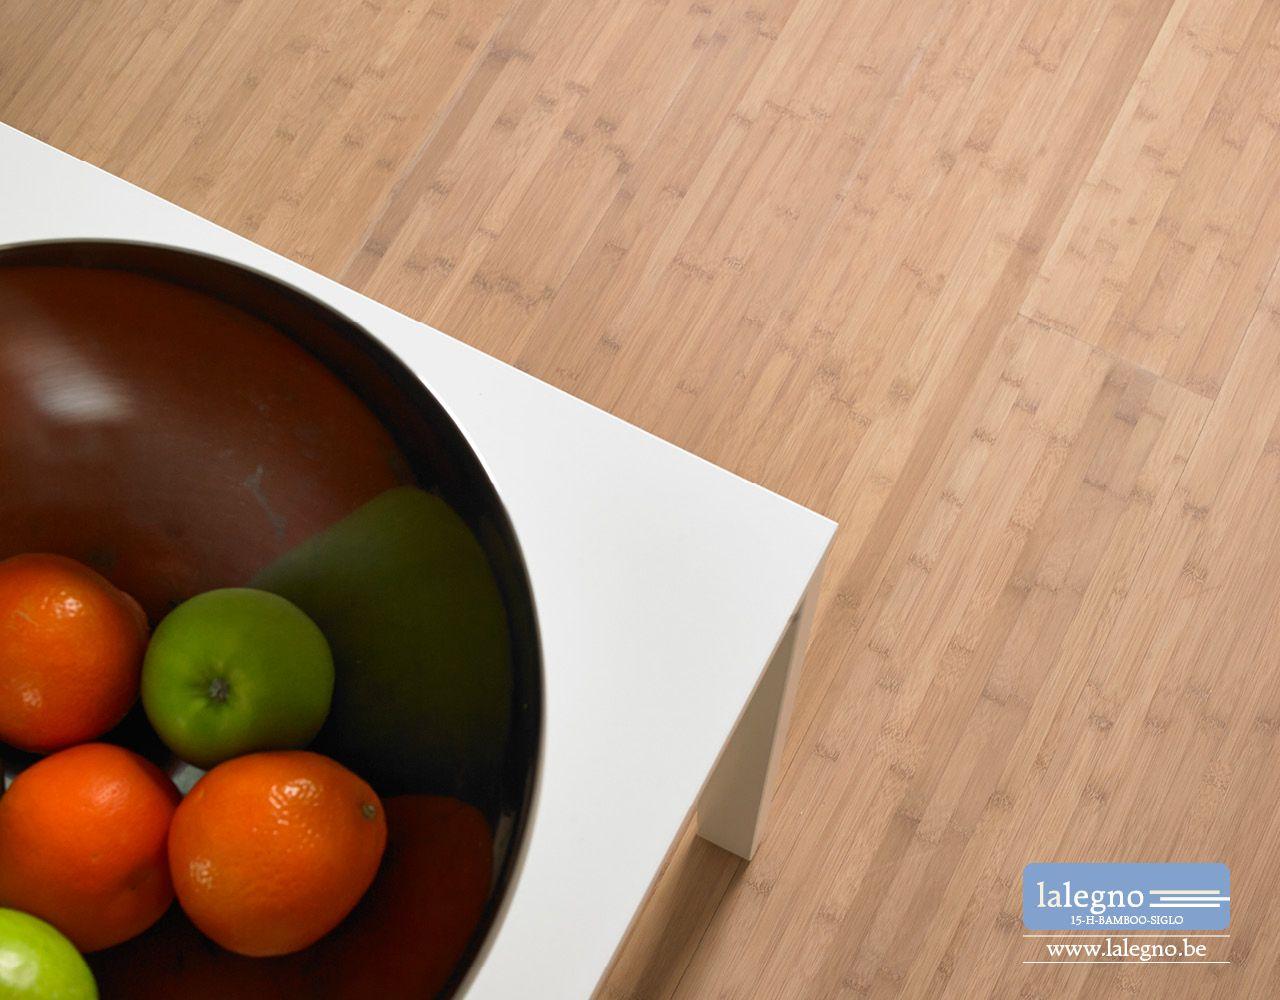 Lalegno parket - plankenvloer - hout eik - meerlagenparket - samengesteld parket – keuken - interieur inrichting - decoratie huis - parquet floor - oak wood - multilayer - engineered - floorboards - lifestyle – kitchen - interior - room decoration - home - Parkett - Boden - Bodenbelag - Holz Eiche - Mehrschichtparkett - Mehrschichtholz - Parkett - Landhausdielen - plancher - revêtement de sol bois - chêne – multicouche – cuisine - Skandinavischen Stil – Küche